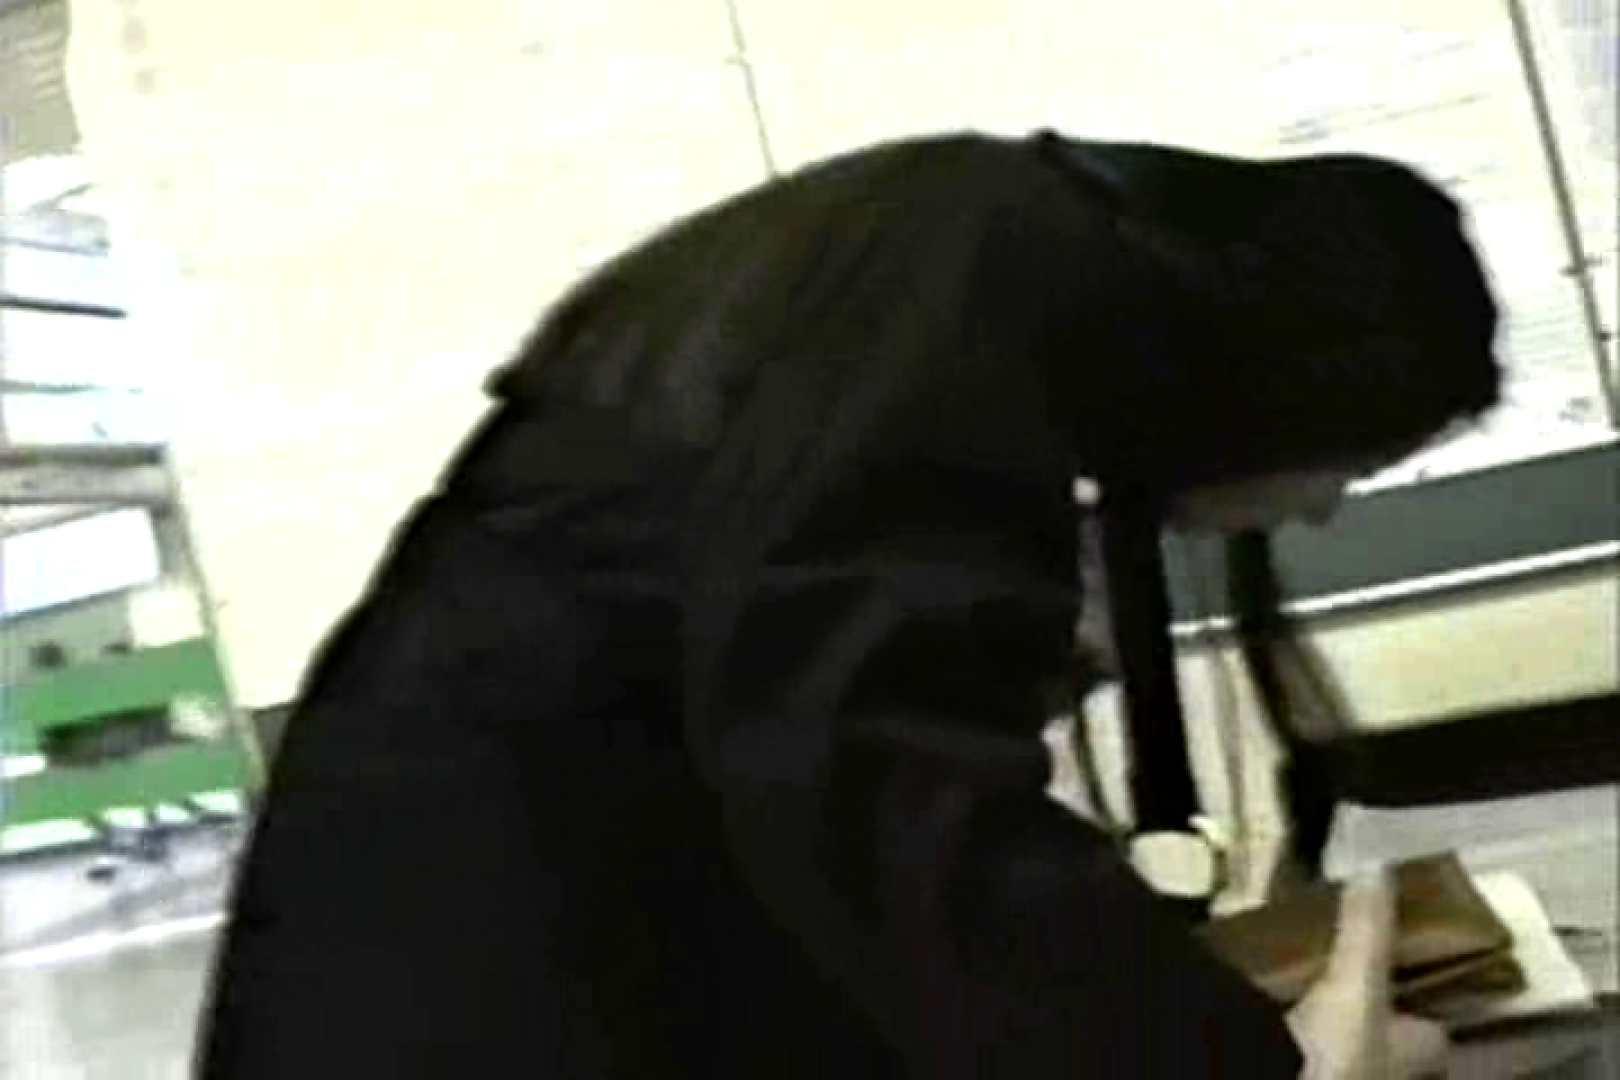 投稿盗撮 女子の下着の考察TK-043 パンチラのぞき | チラ  68画像 1